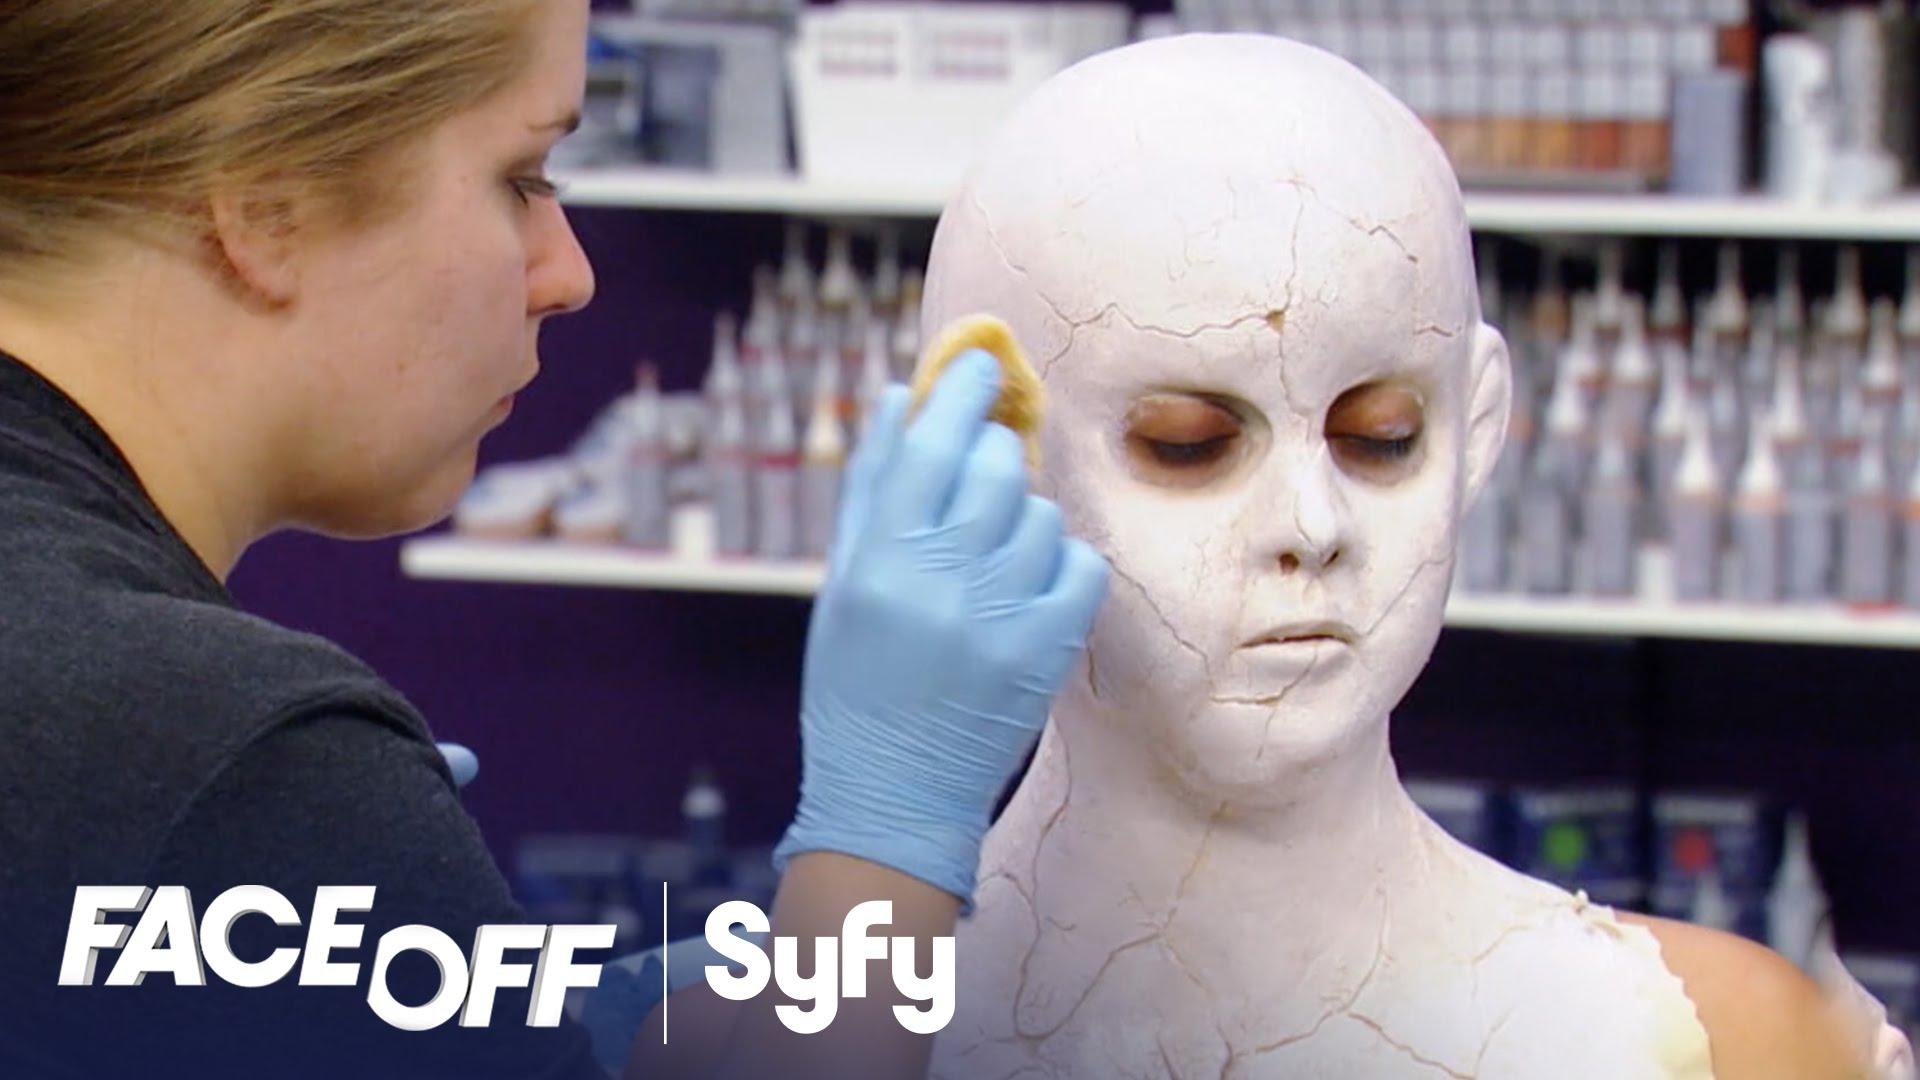 Face Off Sneak Peek: S8E12 'Deadly Dolls' | Syfy